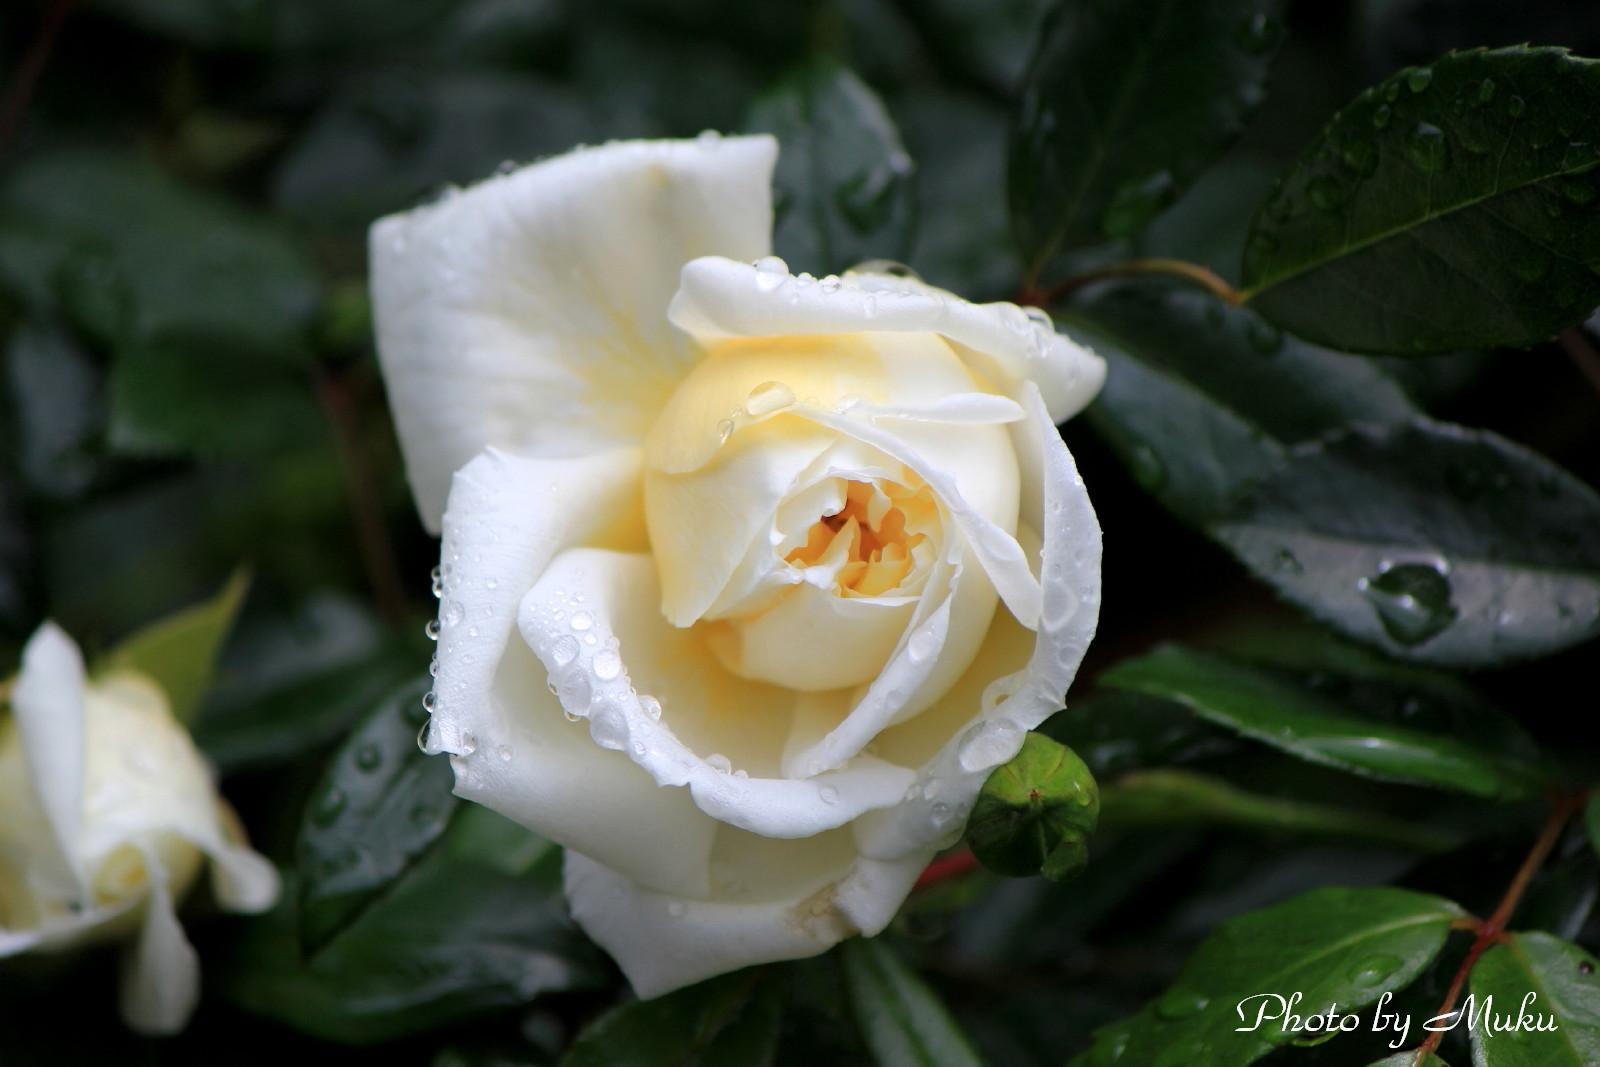 2014/05/15 薔薇 (散歩道:神奈川県横須賀市)